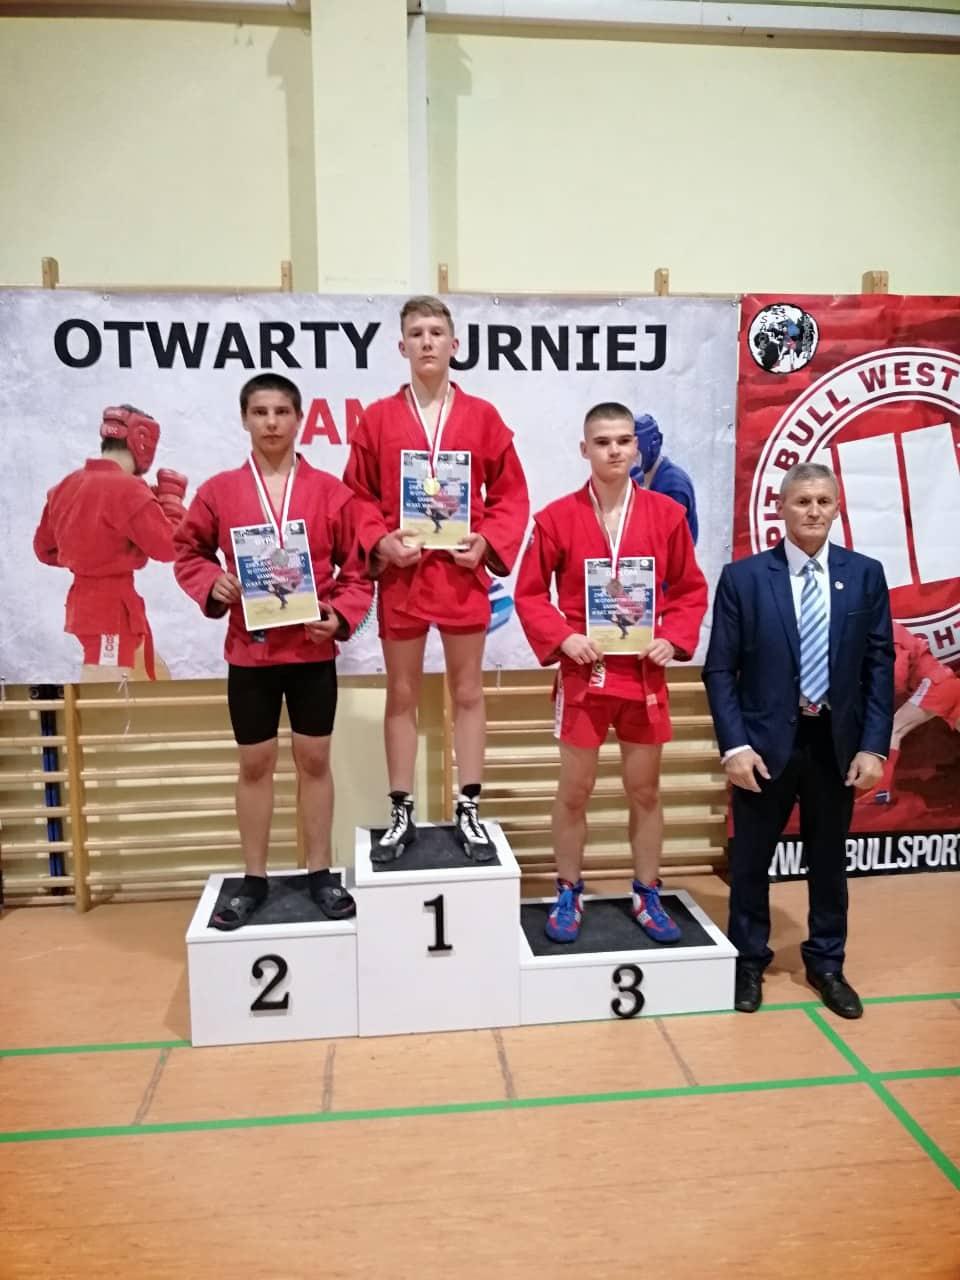 Вихідними в Кракові (Польща) відбувся відкритий міжнародний турнір з боротьби самбо.